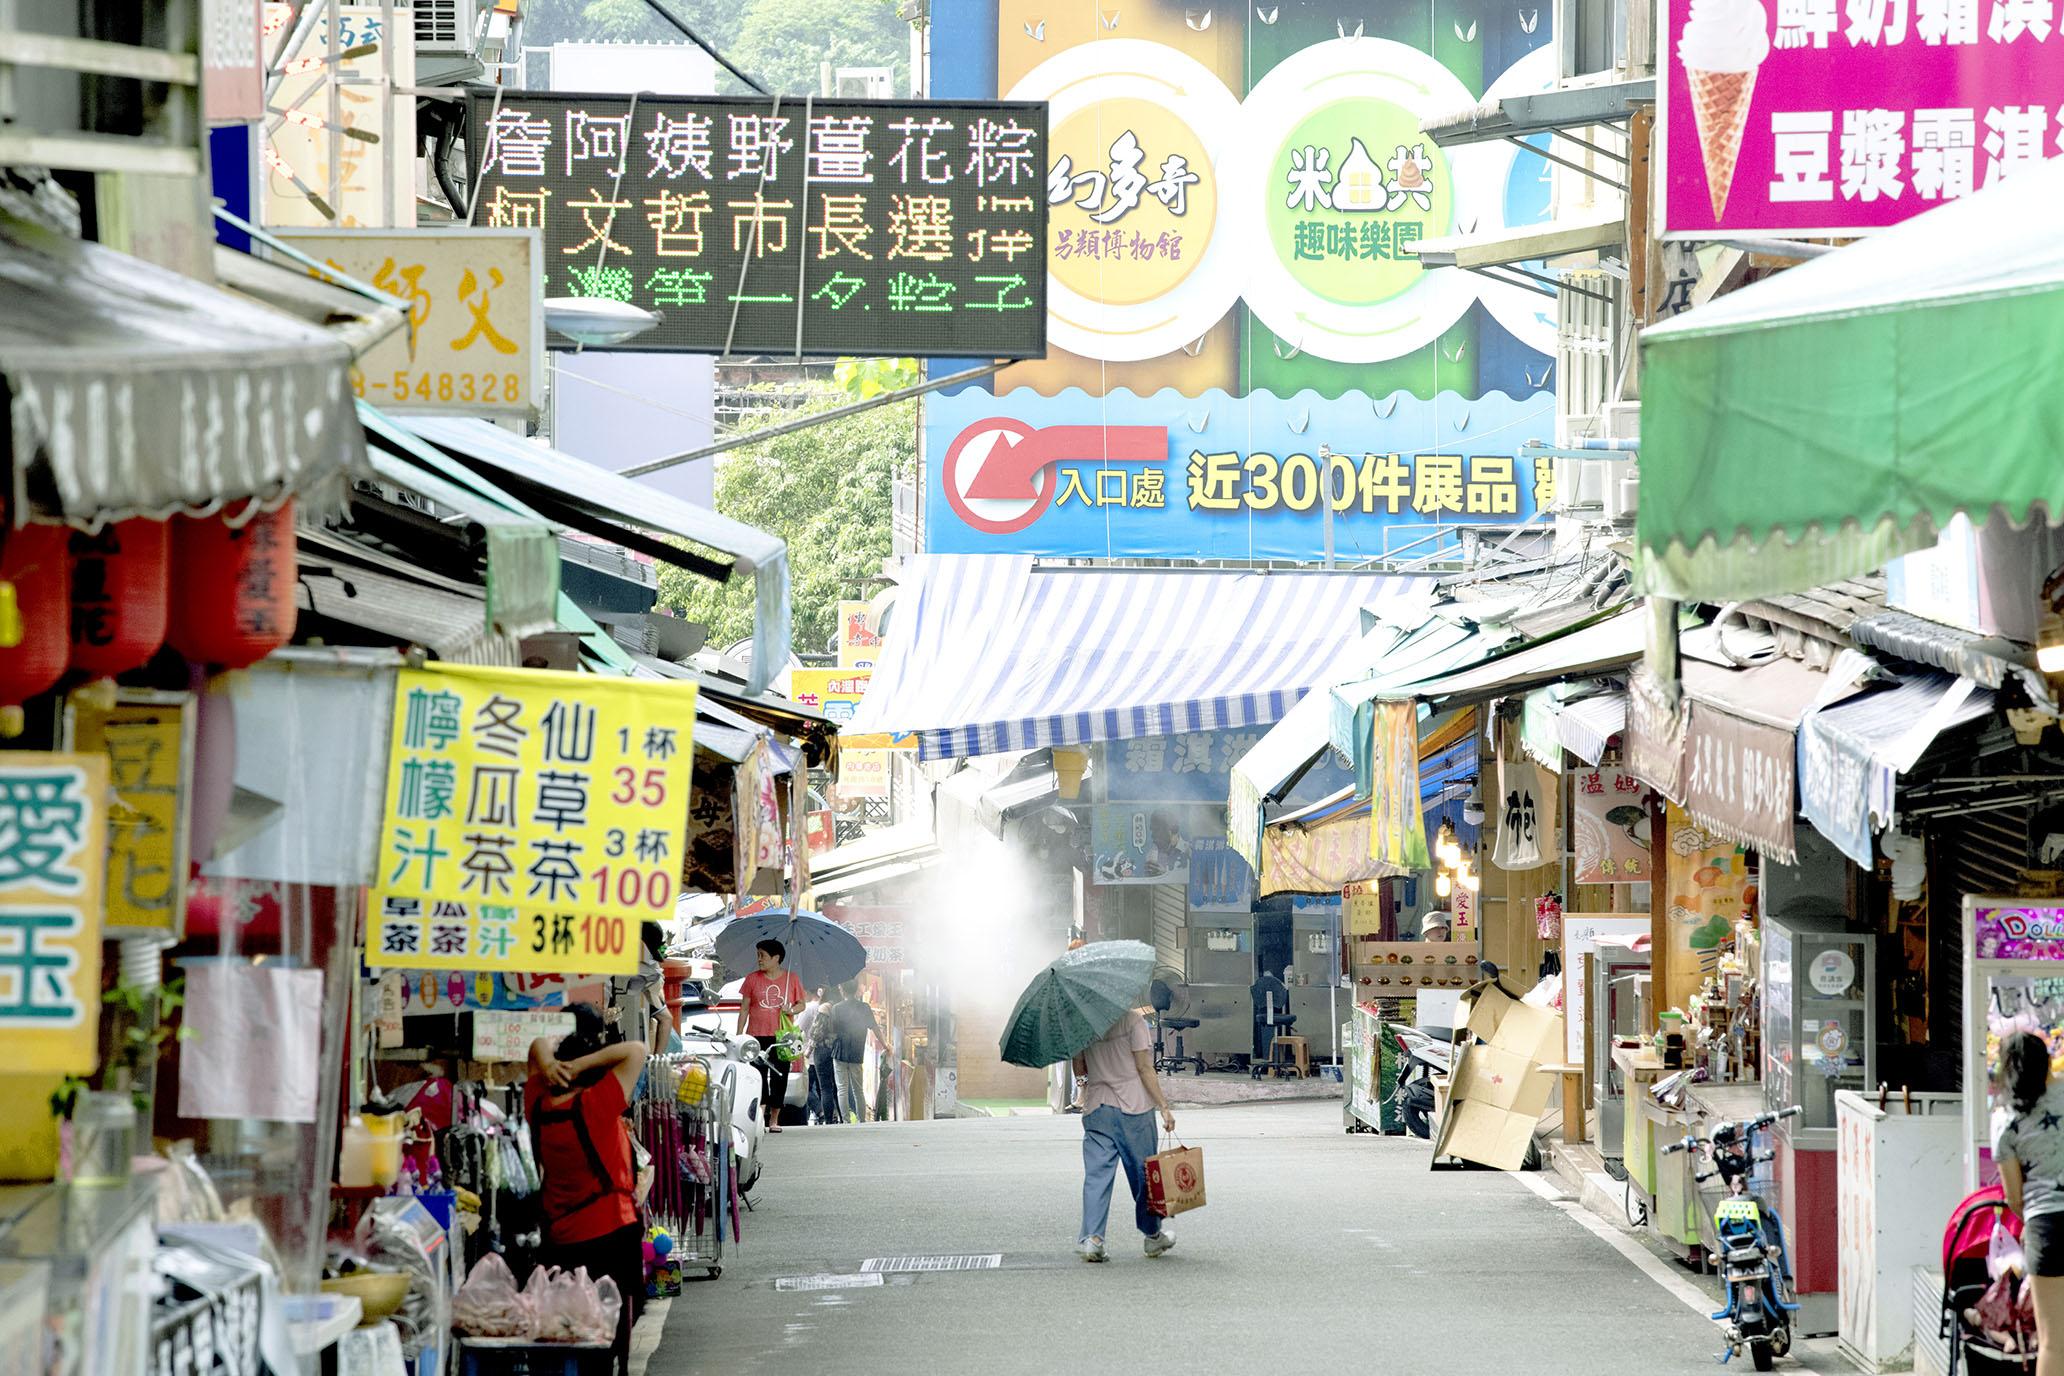 新竹縣大山背嚐鮮之旅,老大份農場採果,重回懷舊內灣老街|中台灣好玩卡